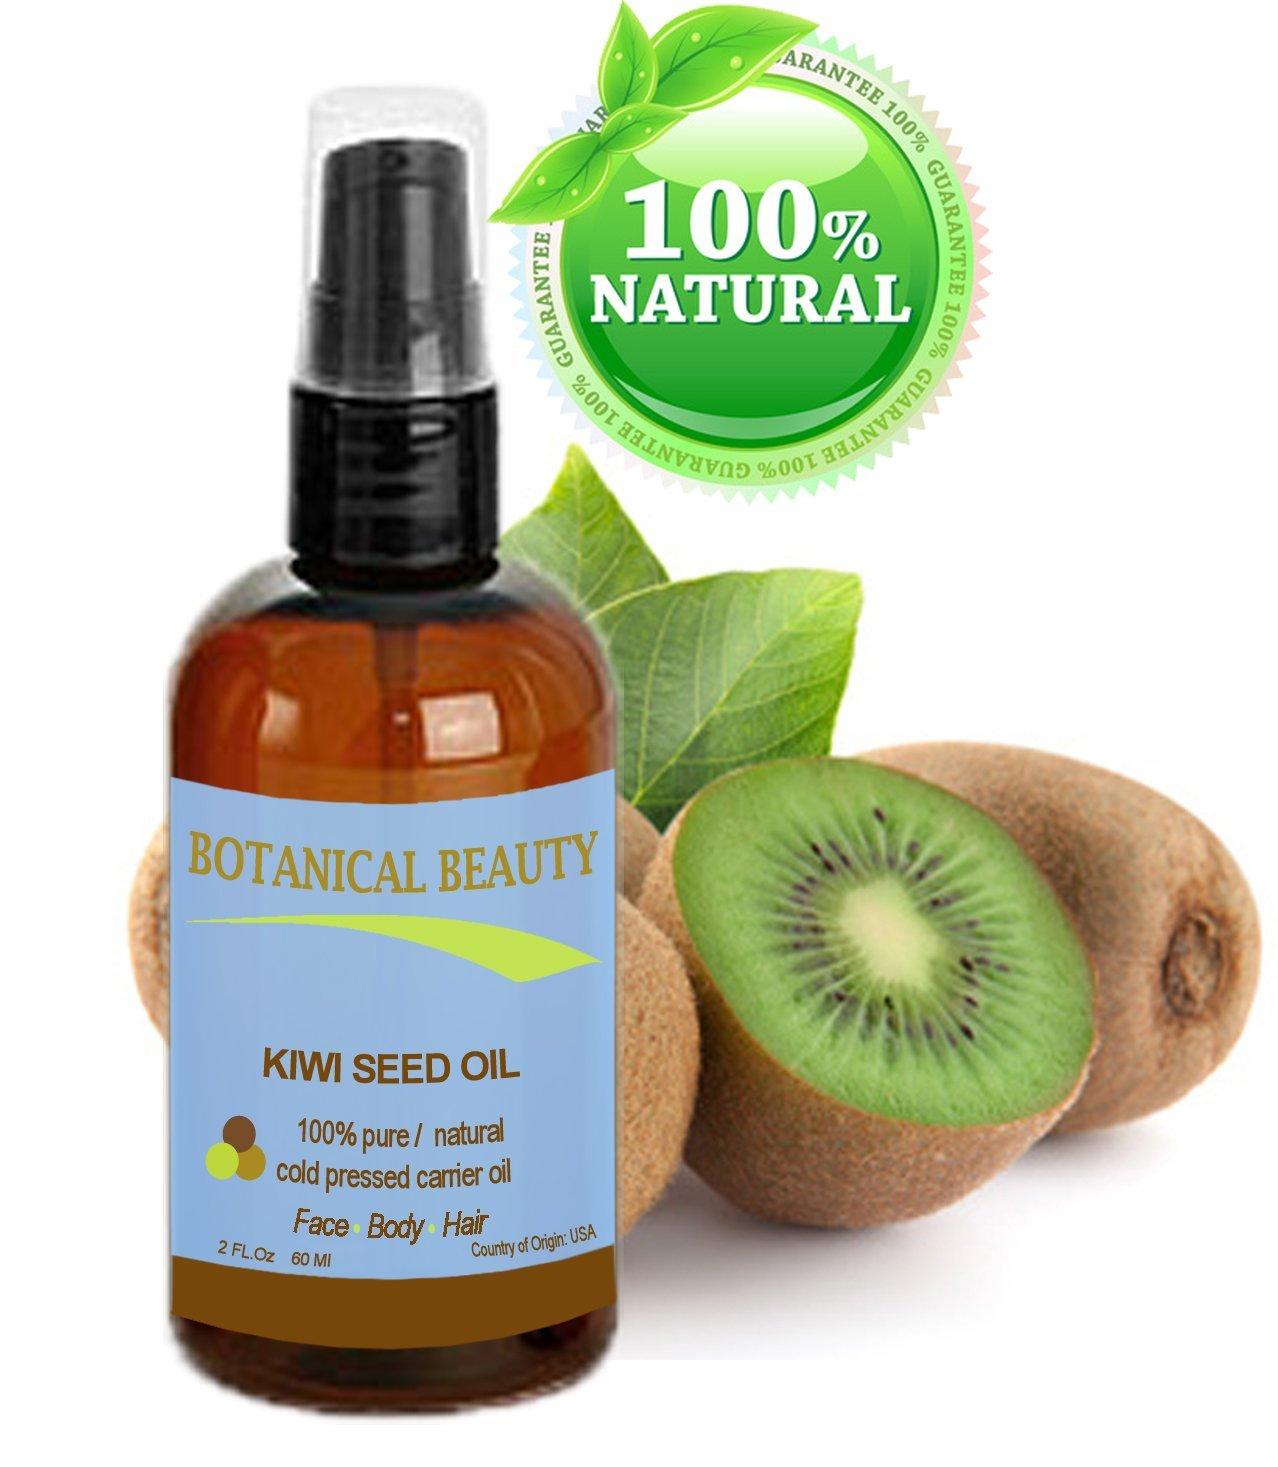 100% puro/Natural/Sin Diluir/Virgen prensado en frío aceite portador. 2 fl. oz.-60 ml. Para Cuidado De La Piel, el pelo y labios.